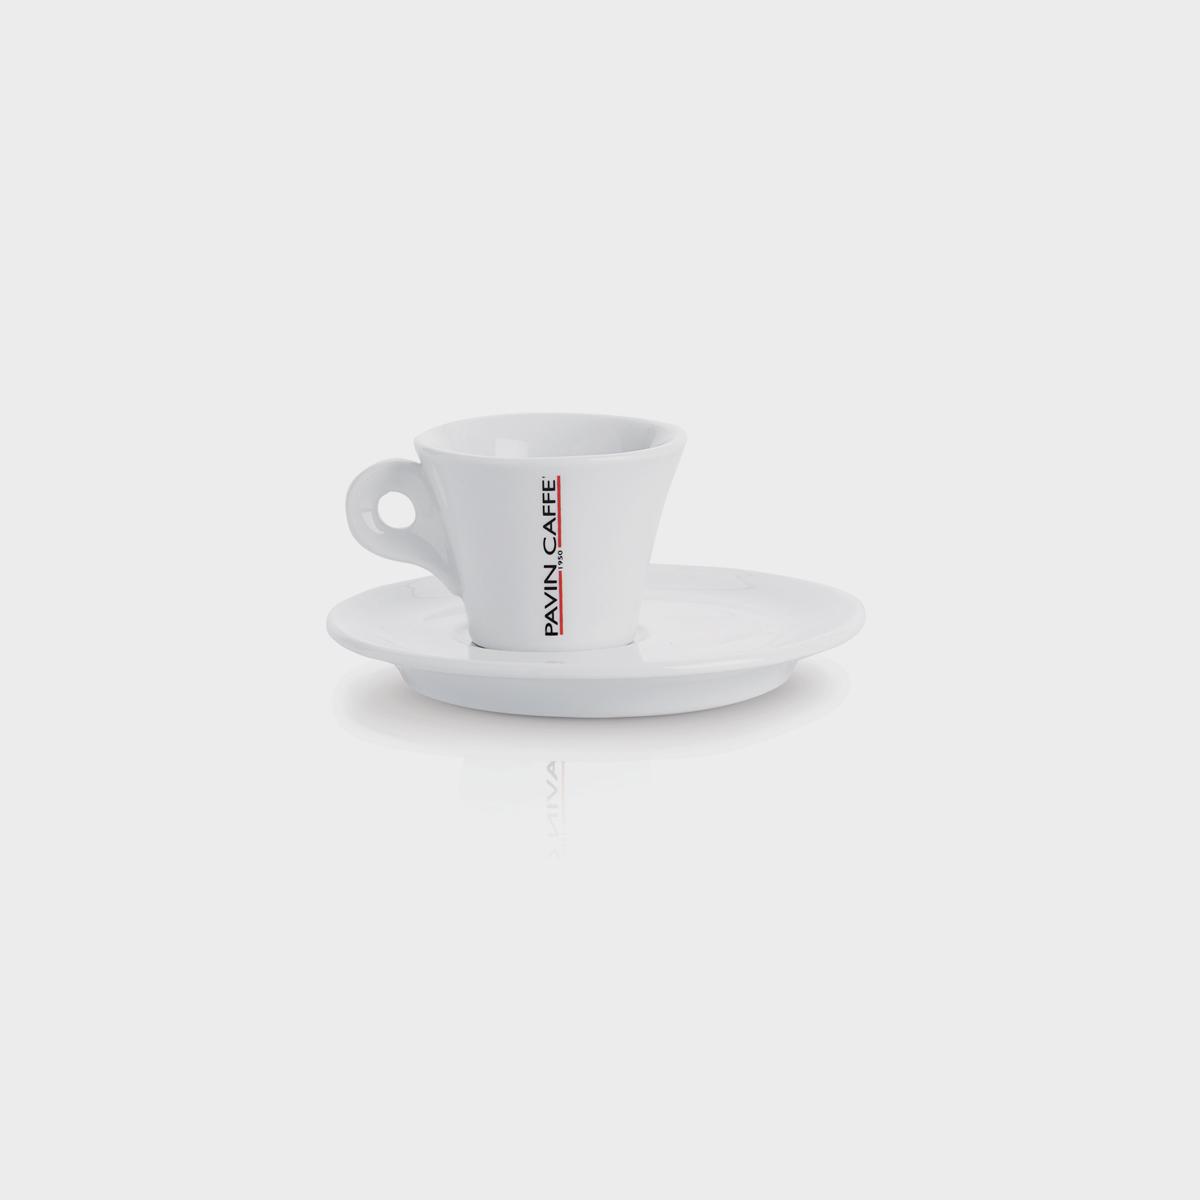 tazza-macchiatone-pavin-caffe